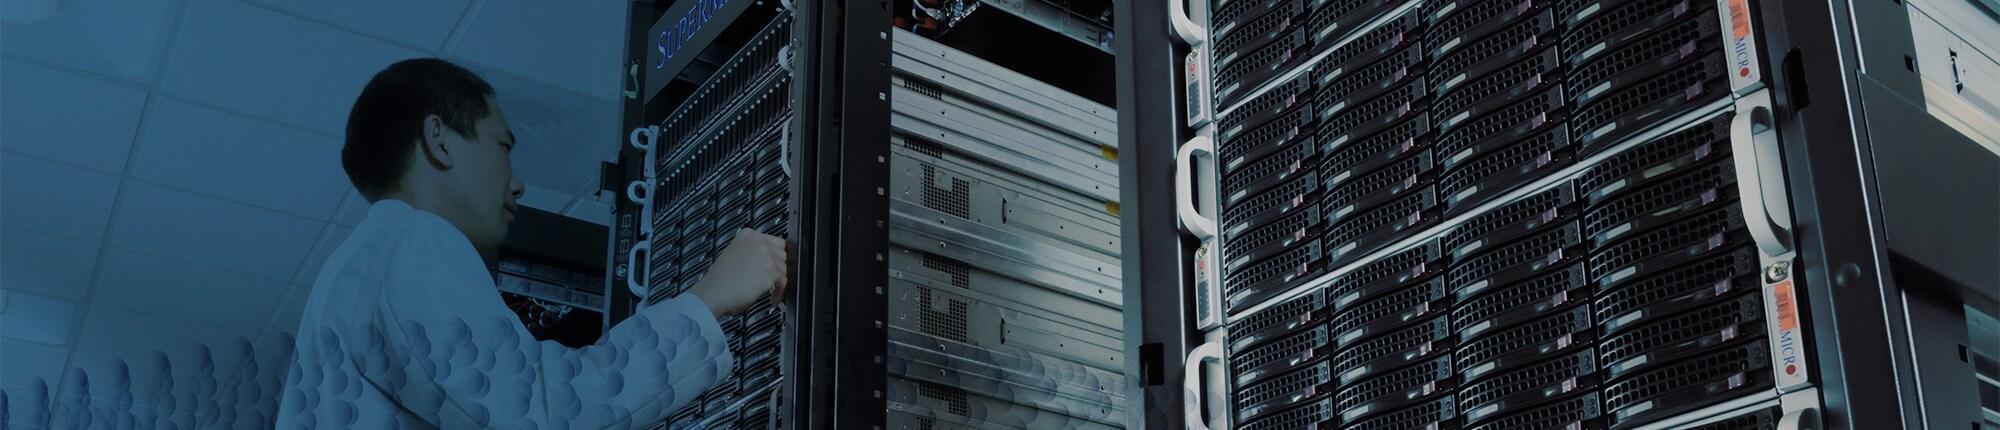 Storage | Super Micro Computer, Inc